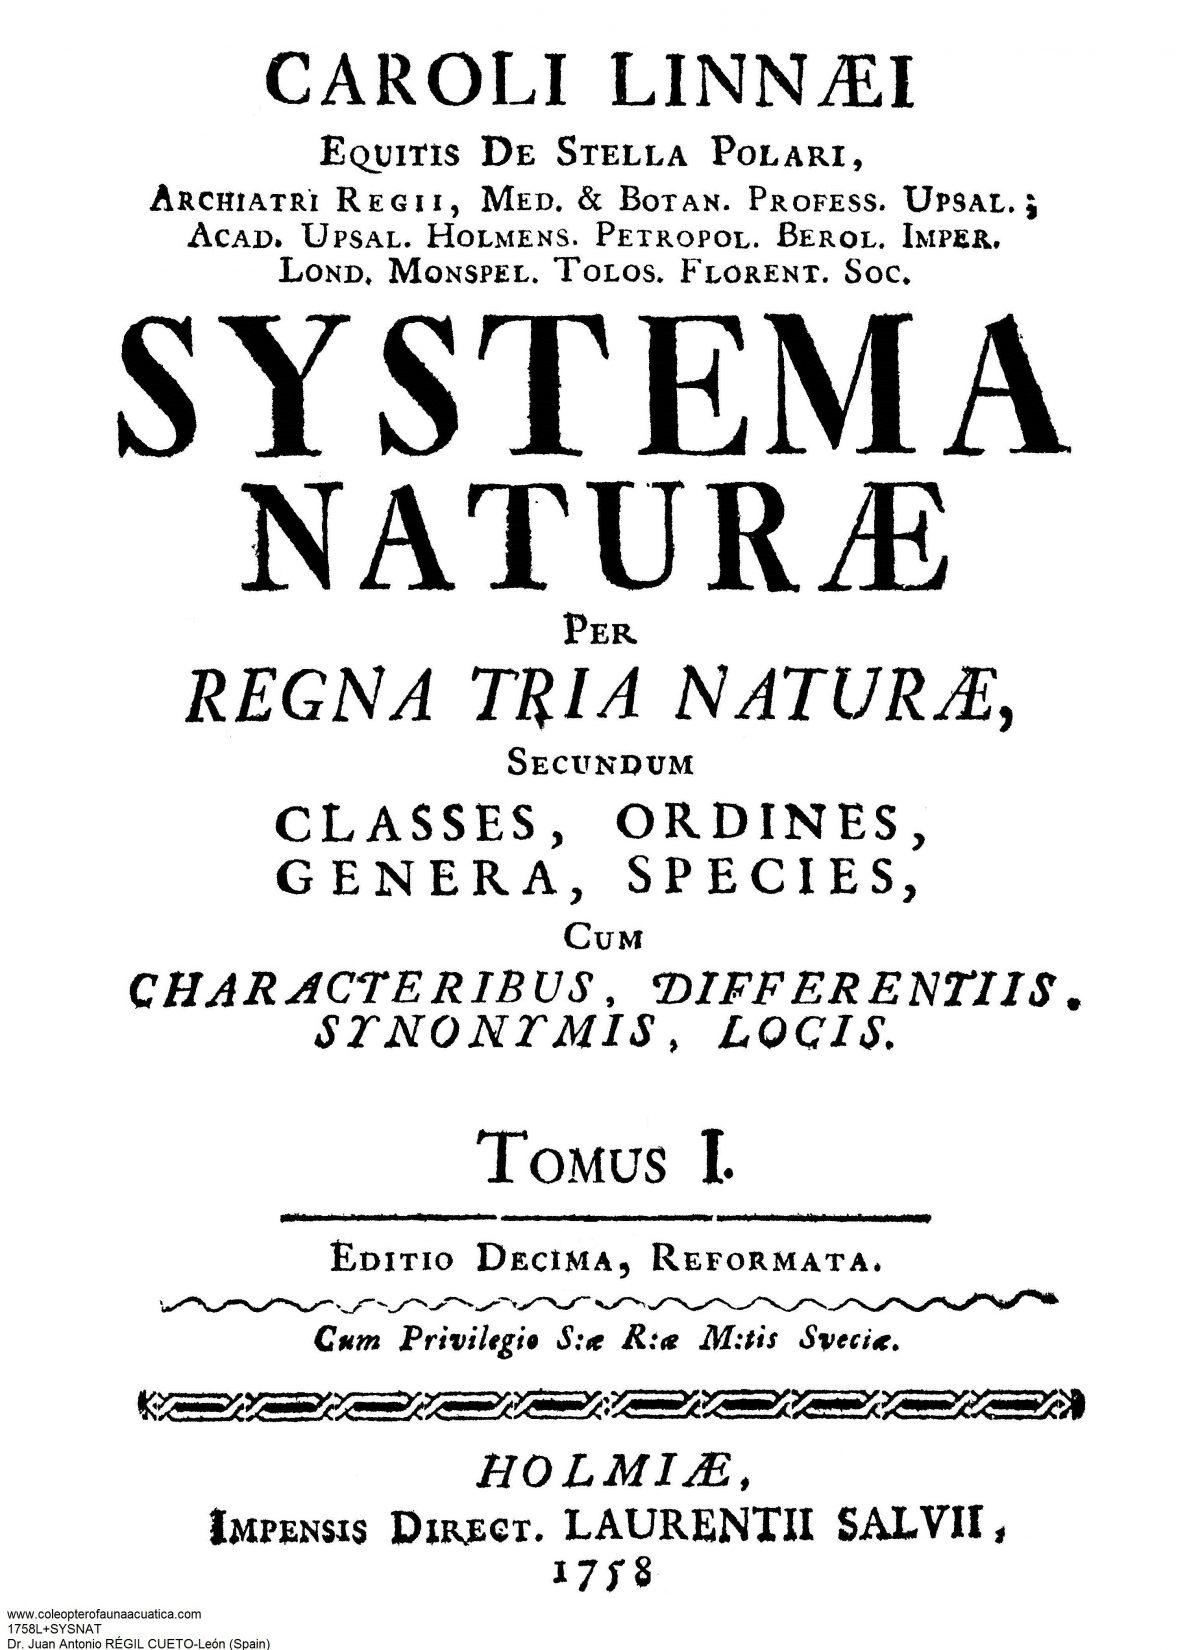 «Systema naturae per regna tria naturae, secundum classes, ordines, genera, species, cum characteribus, differentiis, synonymis, locis. Tomus I. Editio decima, reformata.»